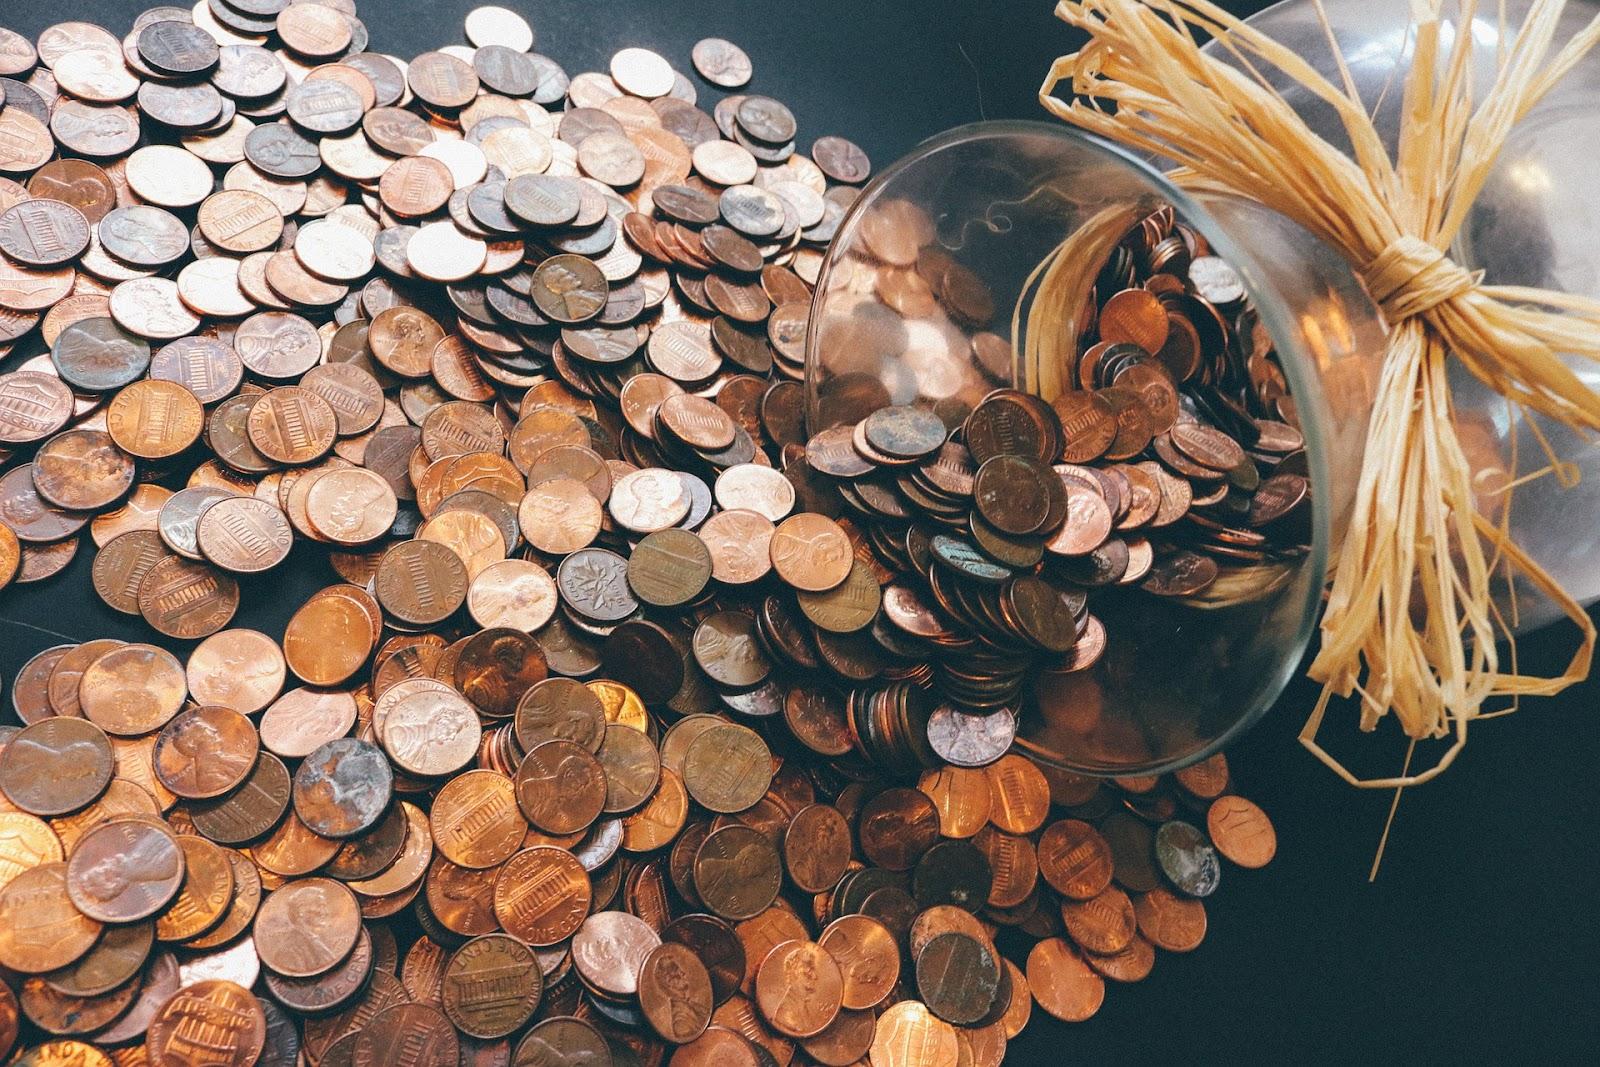 מטבעות כסף נשפכות מצינצנת